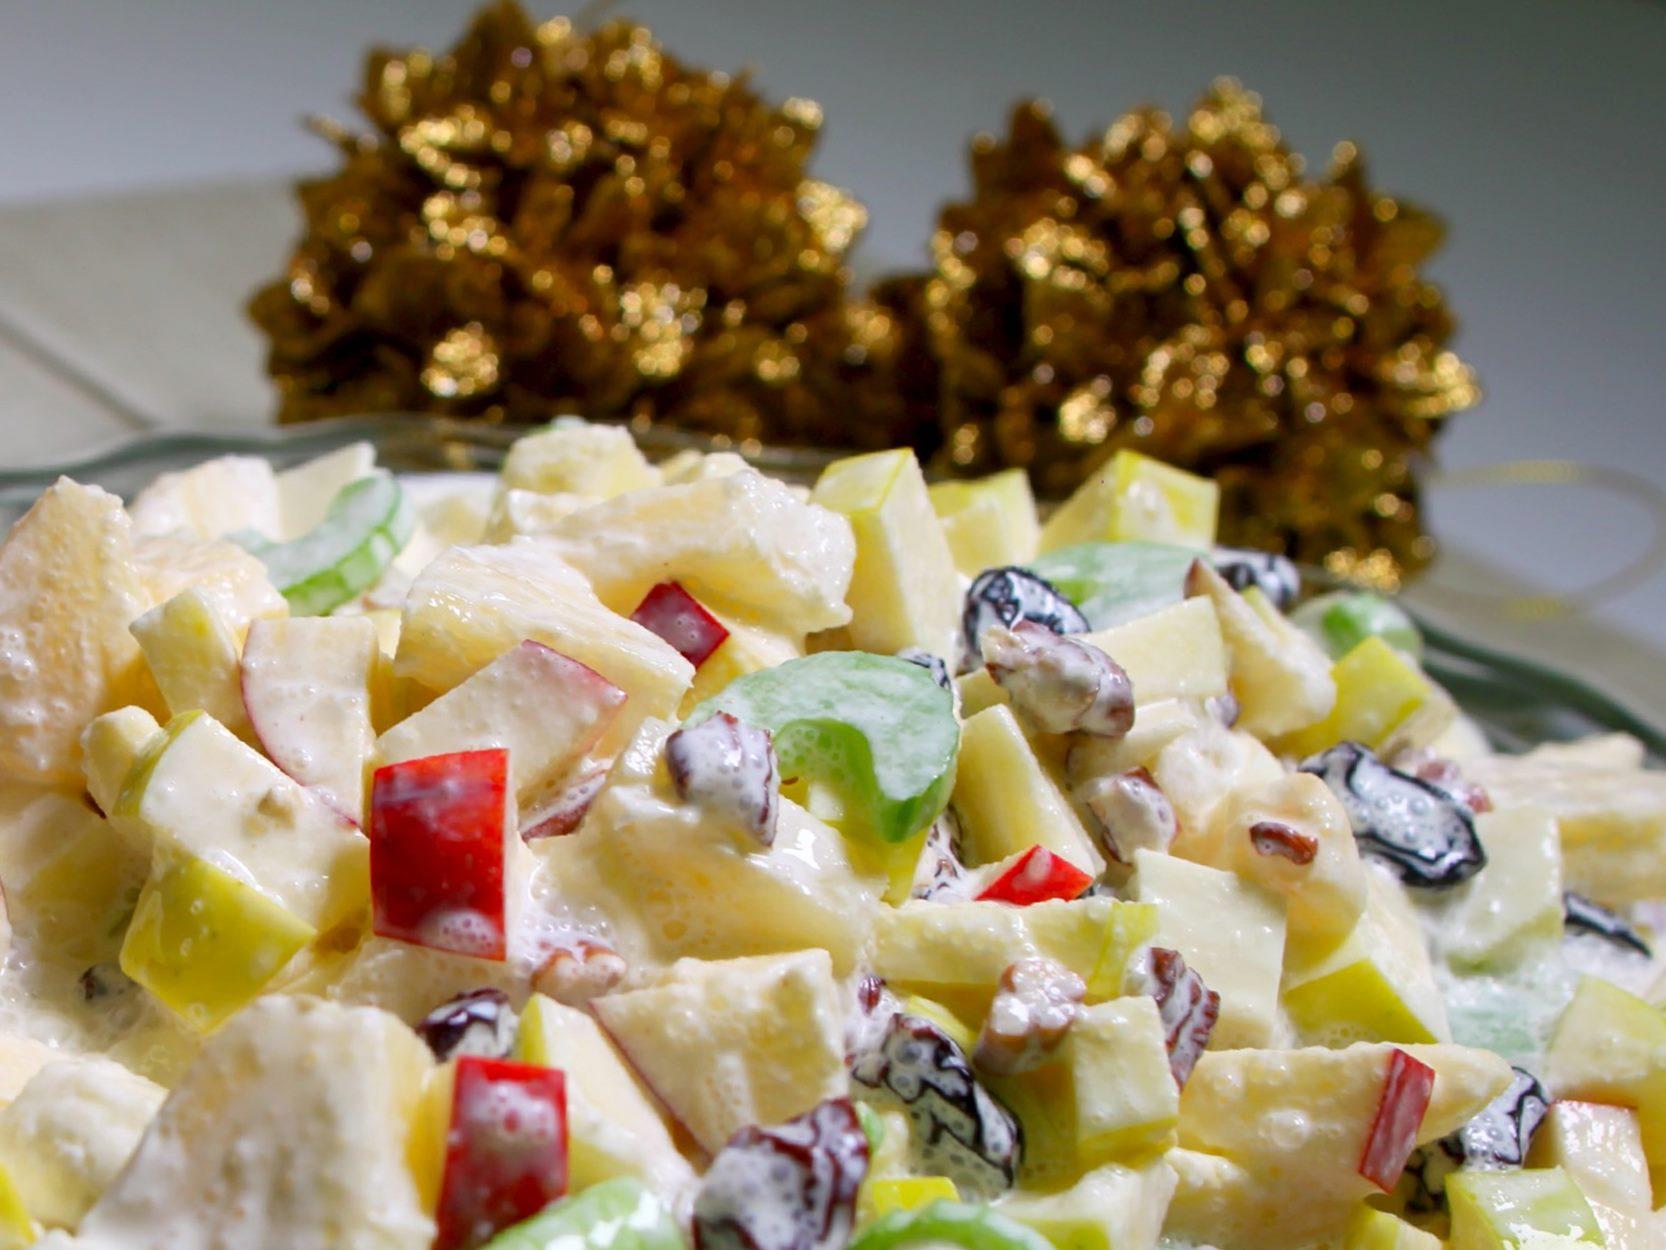 Ensalada de manzana navidena lechera